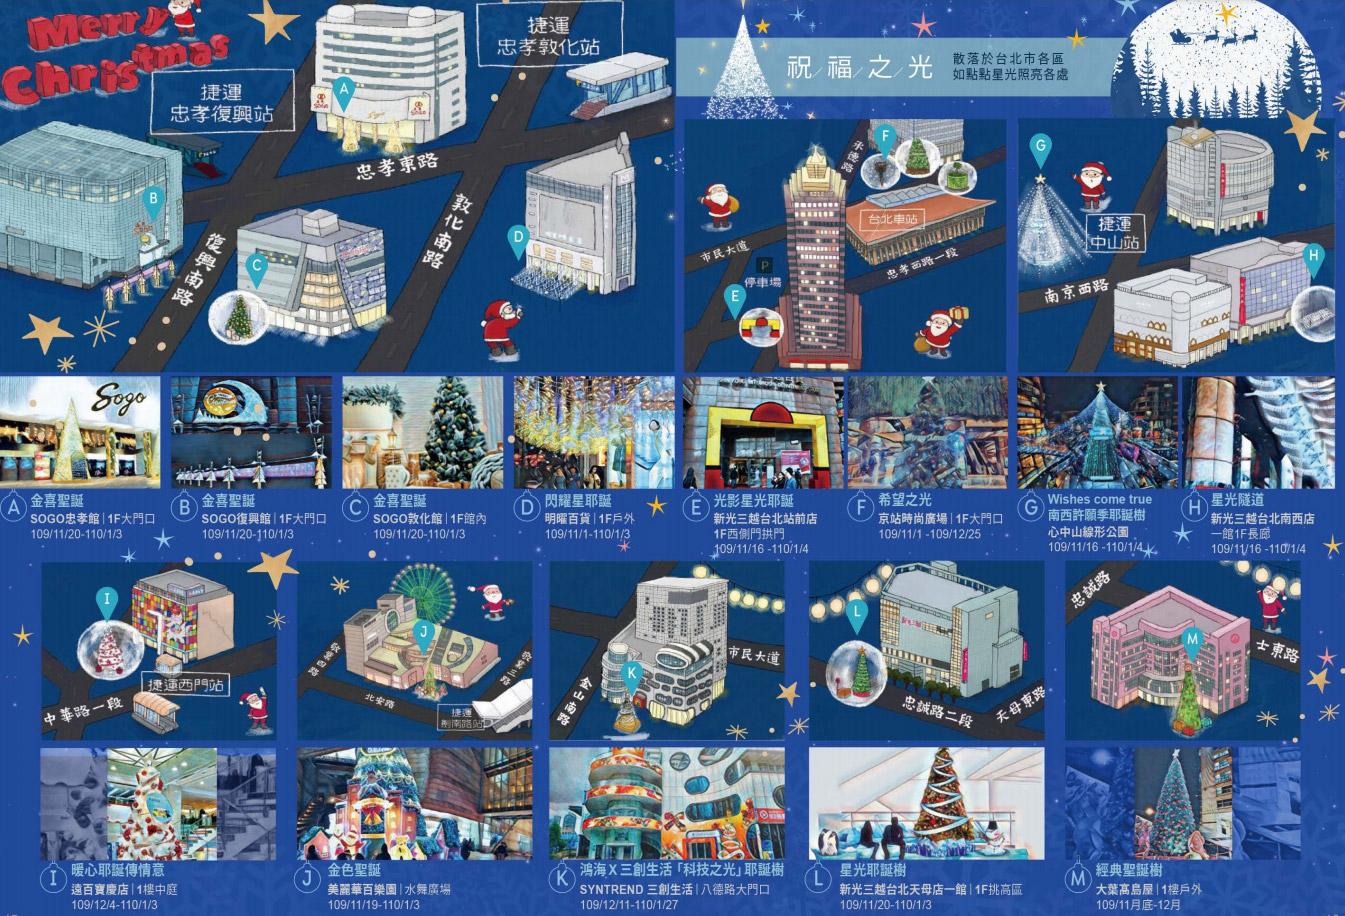 台北耶诞节-7.jpg